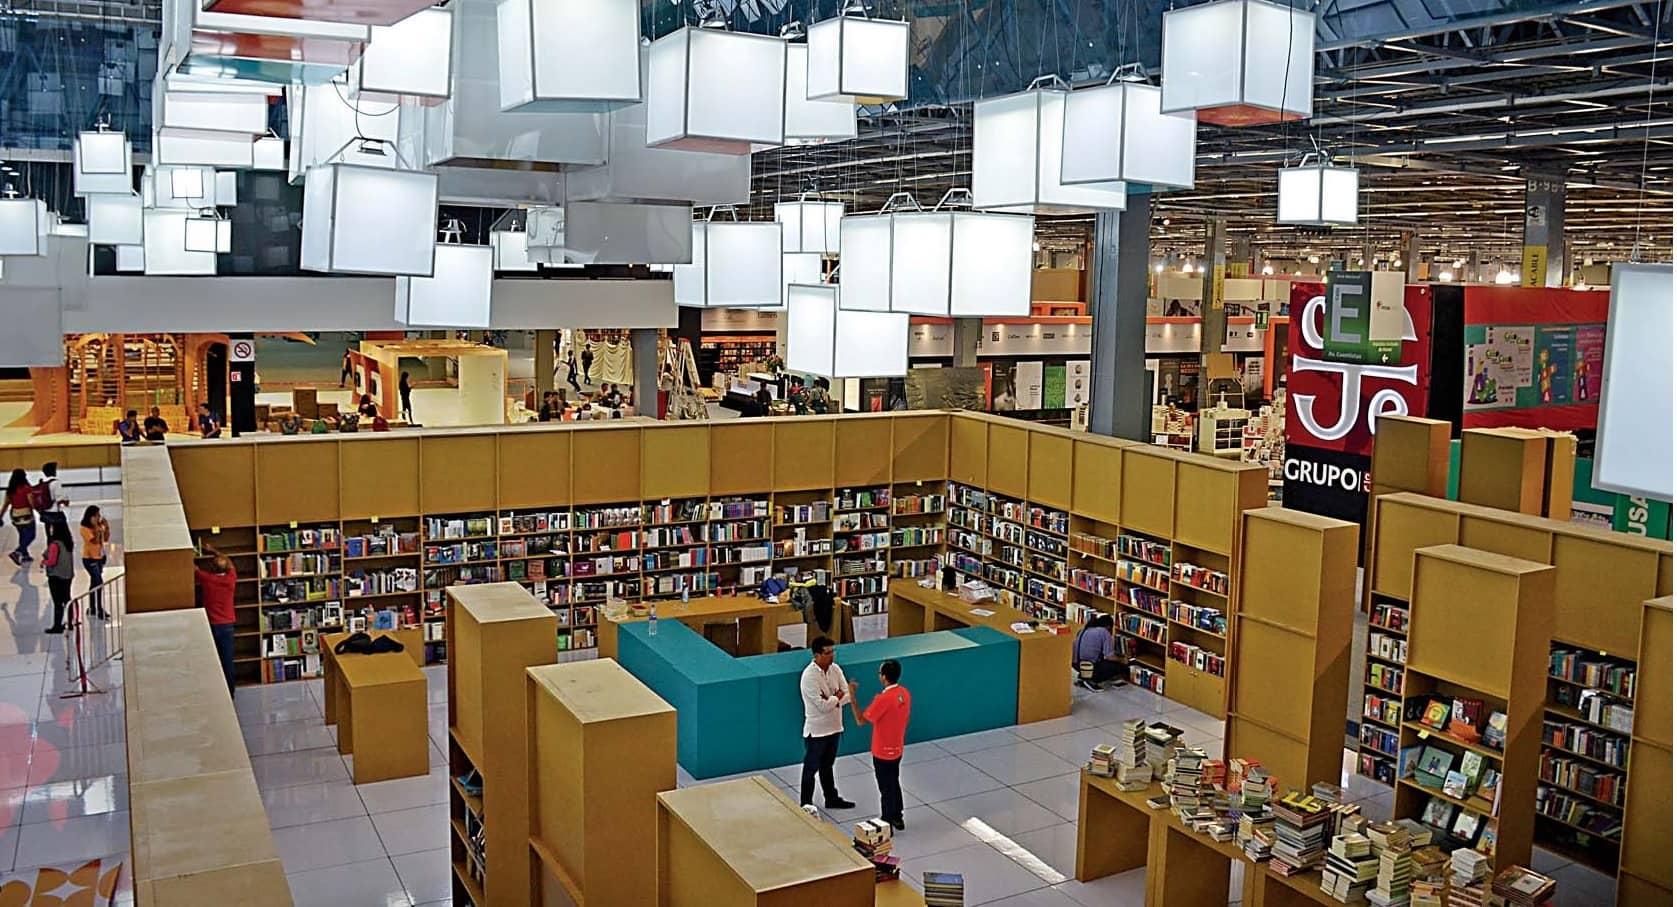 Ferias de libros, desafio para la pandemia